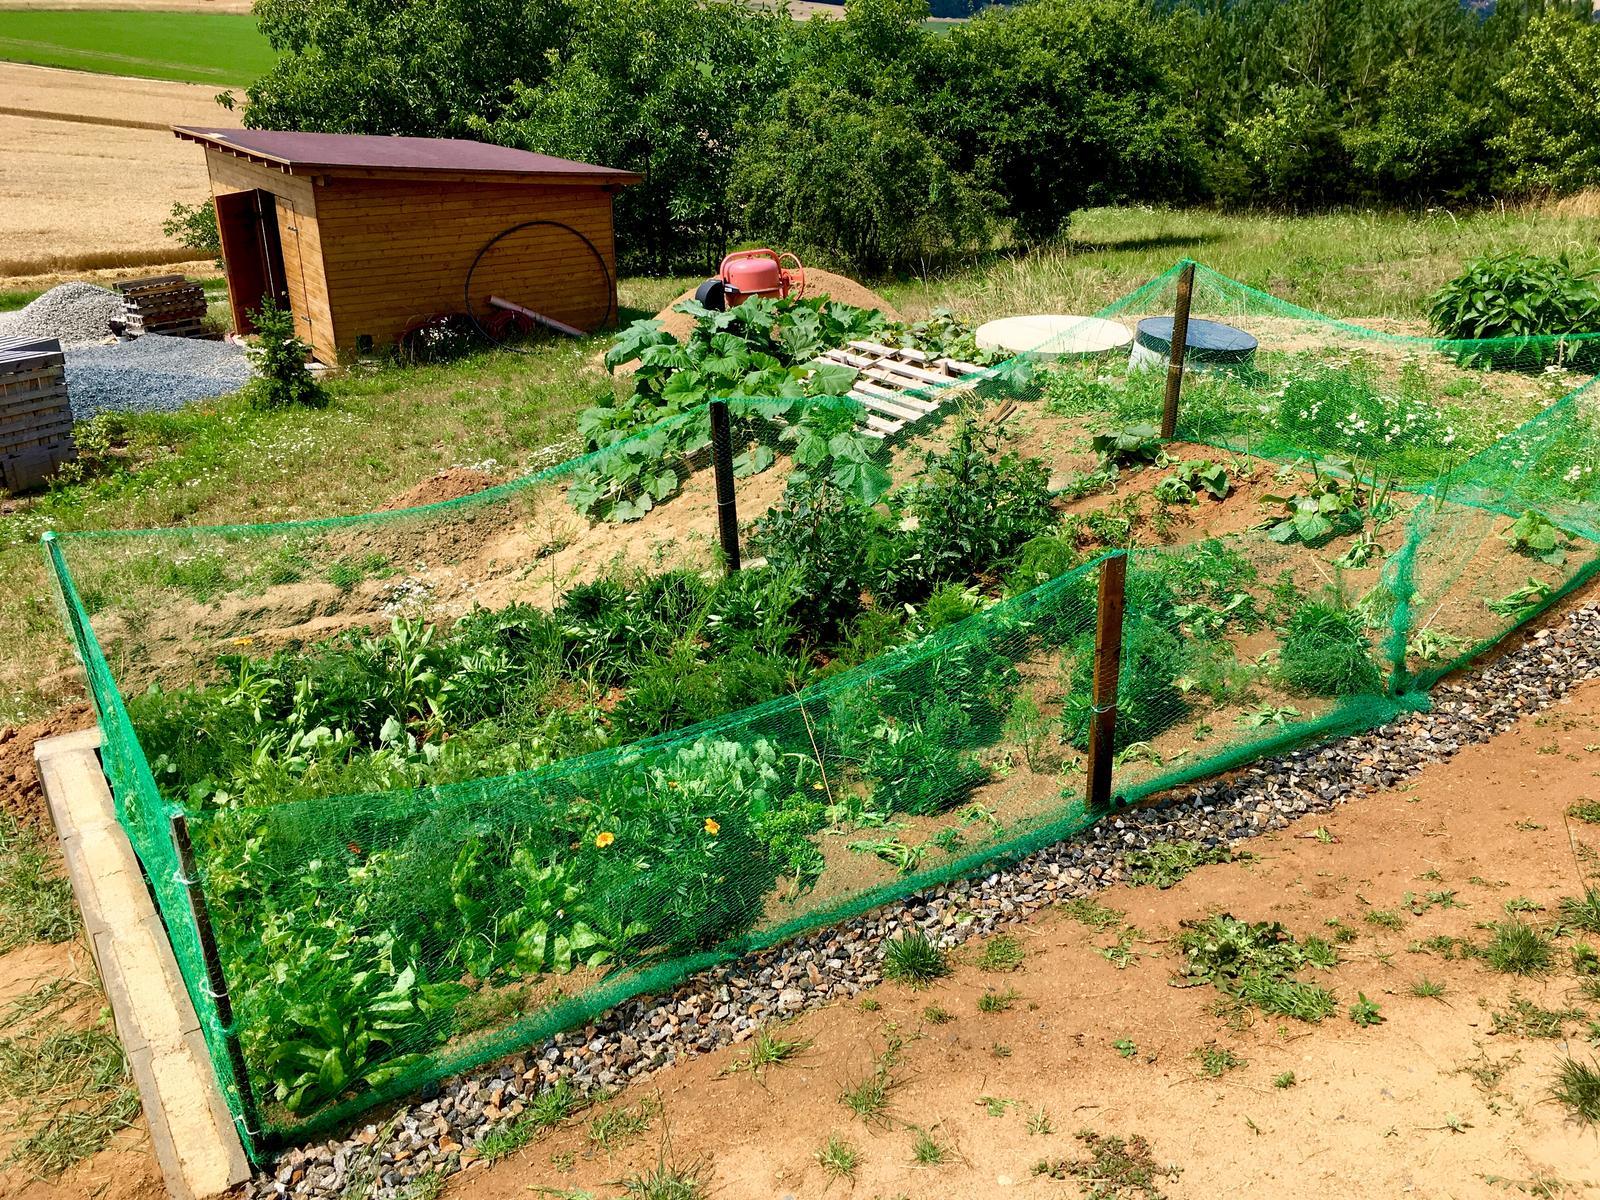 Skřítčí zahrada 2015 - 2020 - Červenec 2019 - protisrnčí zasíťovaní záhonu, verze 2.0